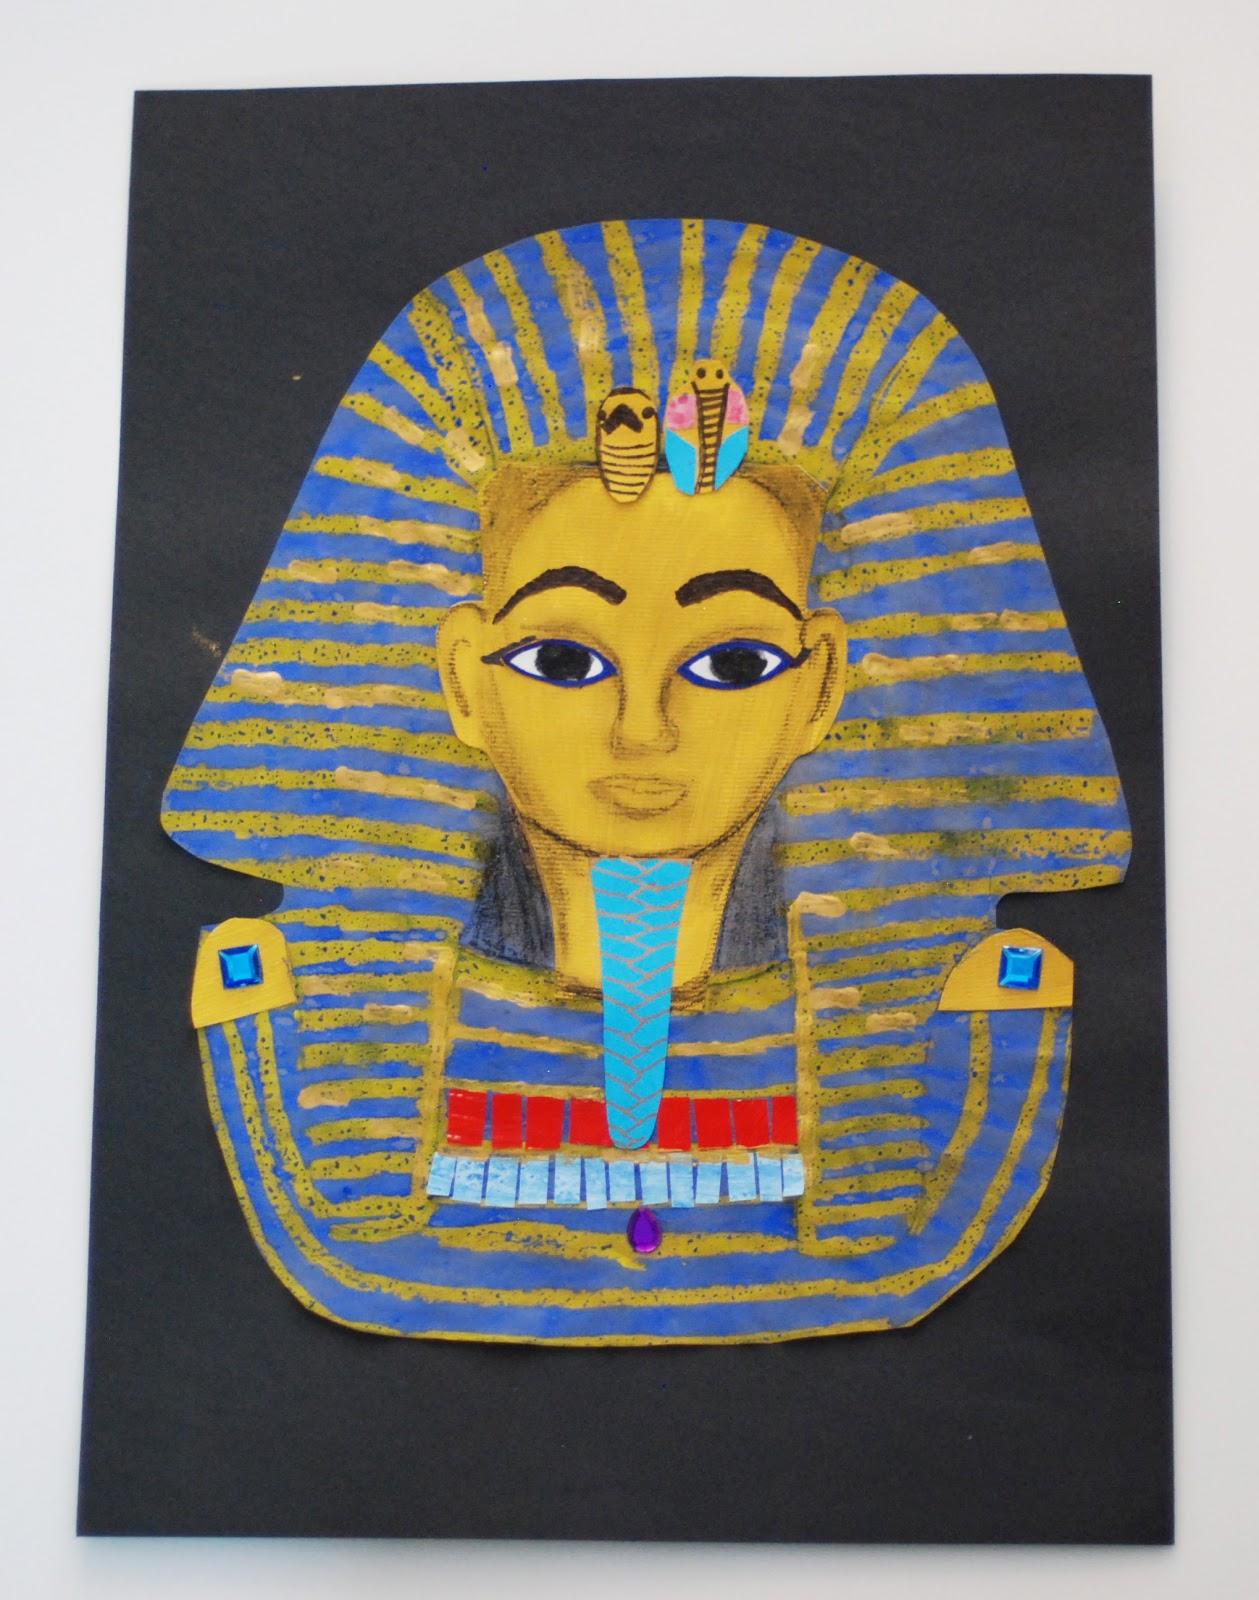 EGYPT KING TUT 2010 - 1 POUND DOUBLE ERROR STRIKE. ESSAY COIN . RARE ...